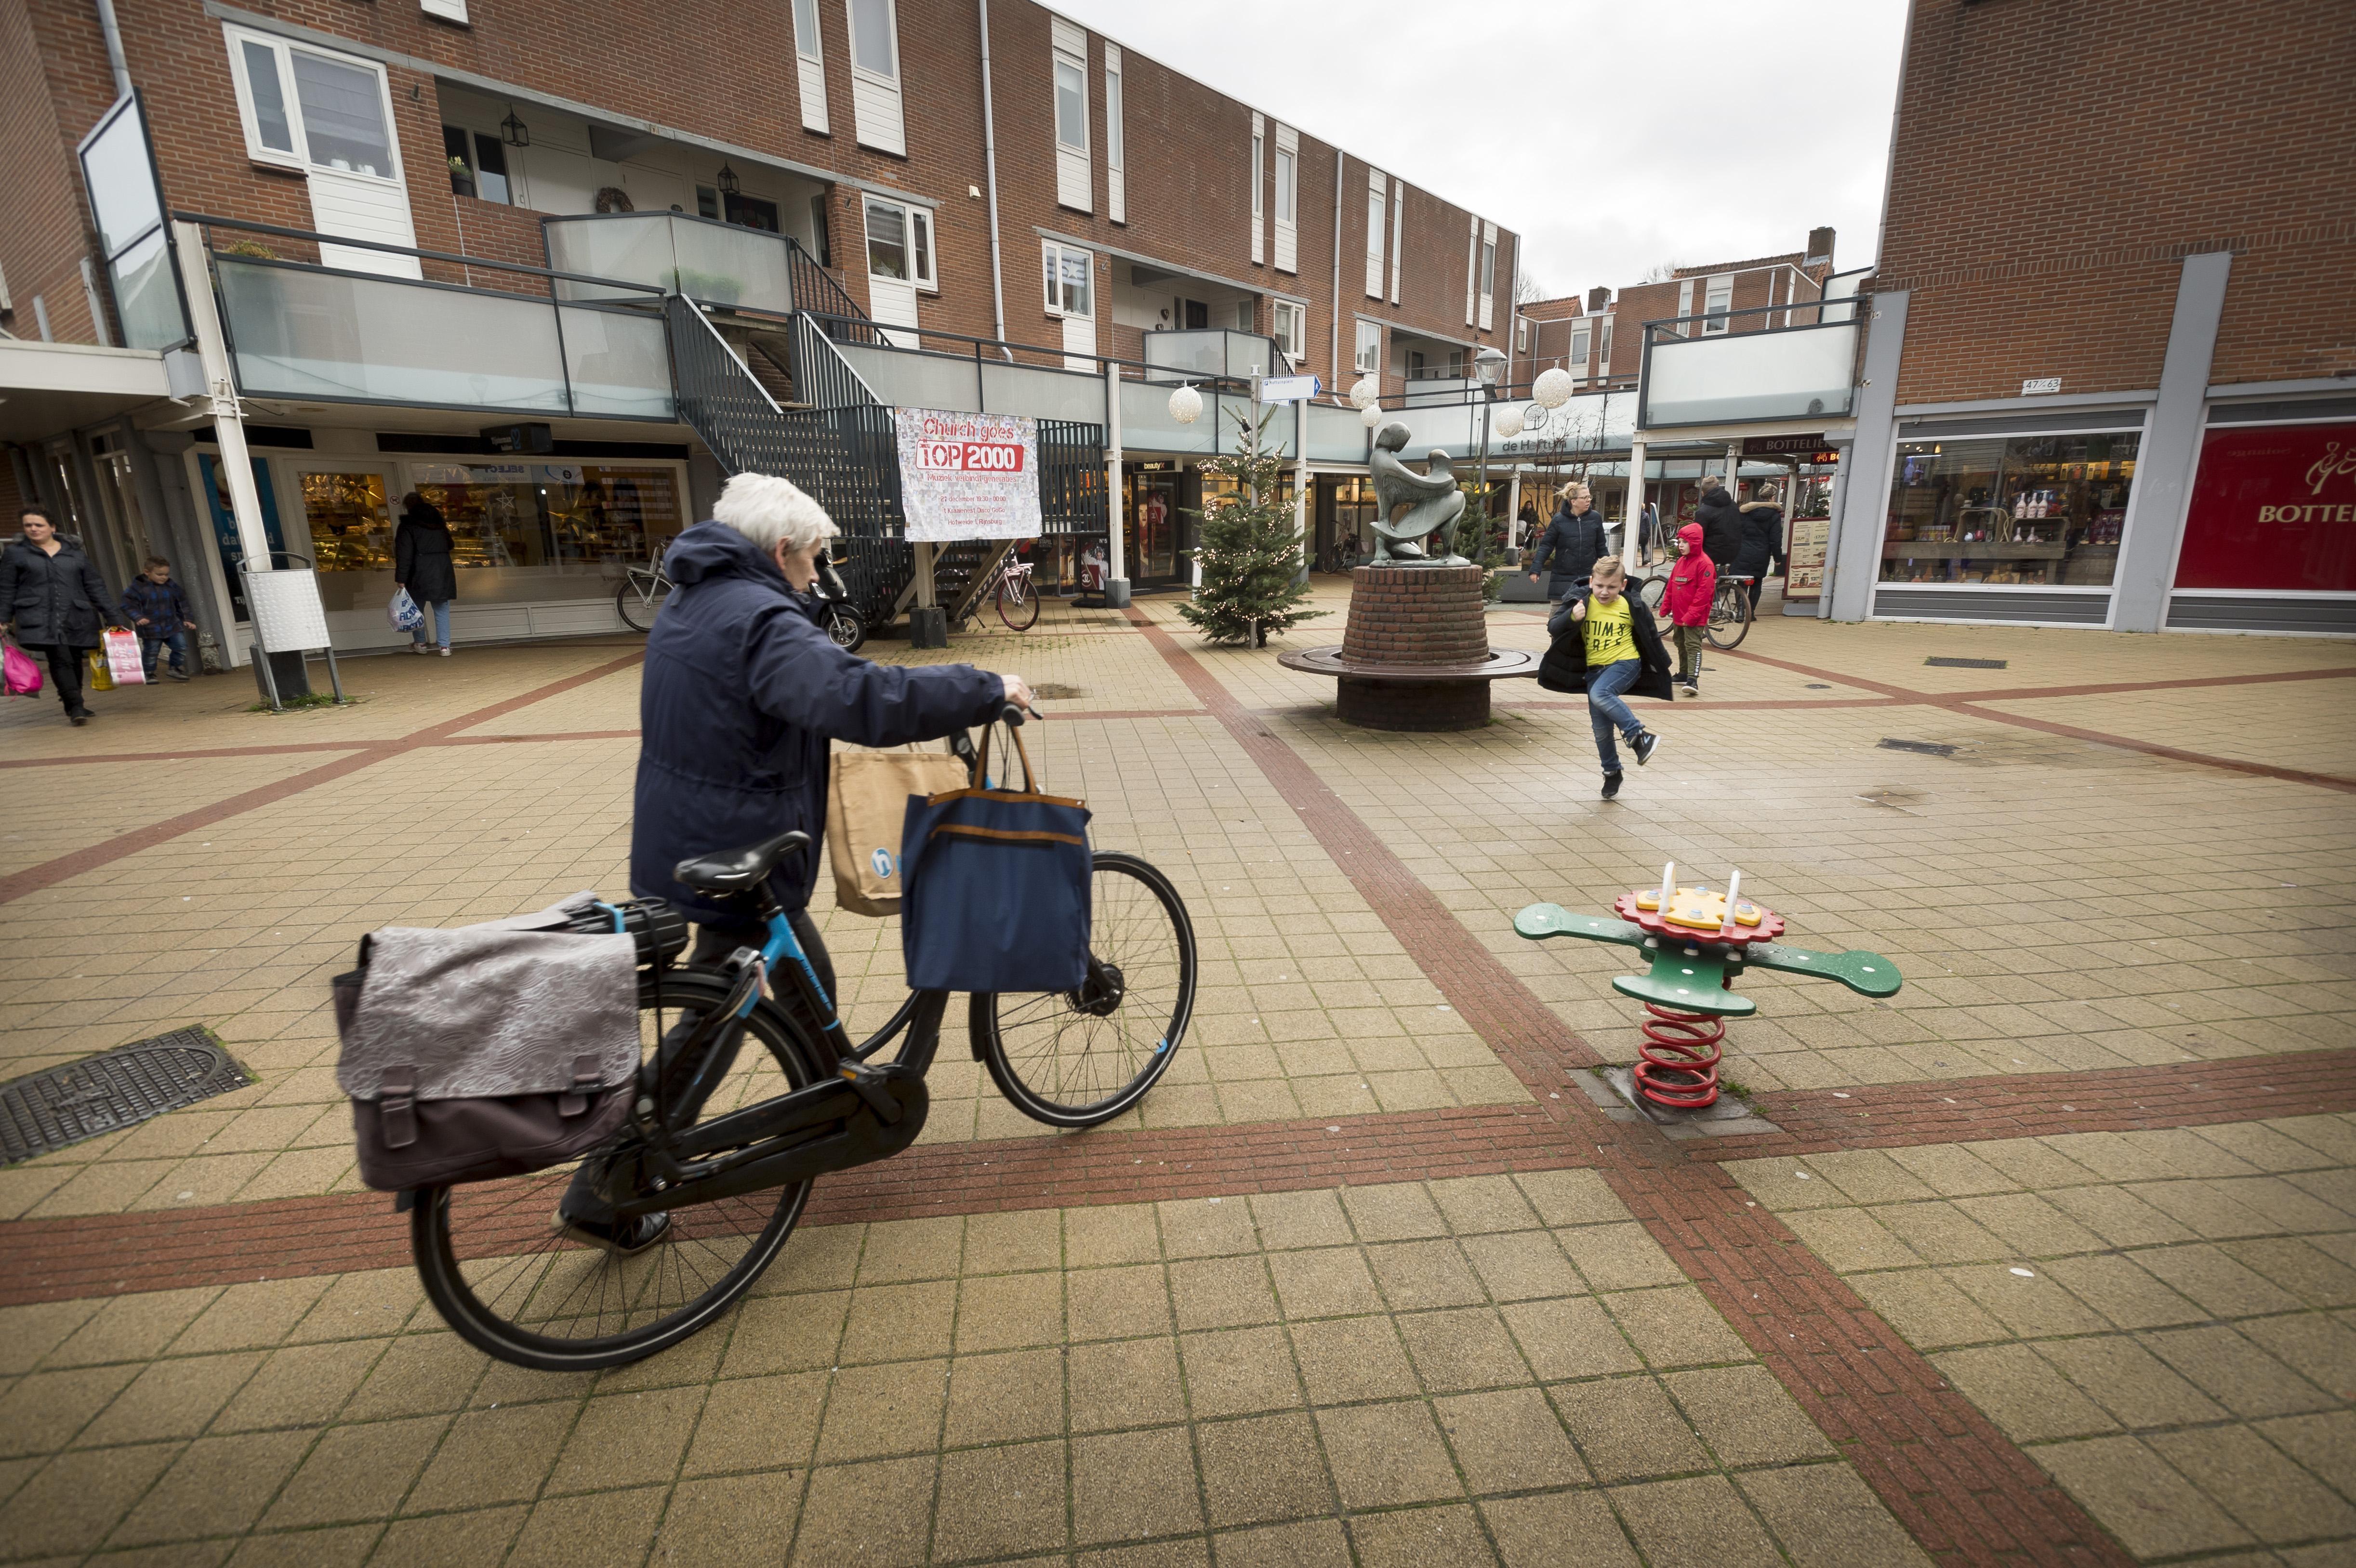 Snel einde aan impasse rond nieuw Hoftuinplein in Rijnsburg - Leidsch Dagblad